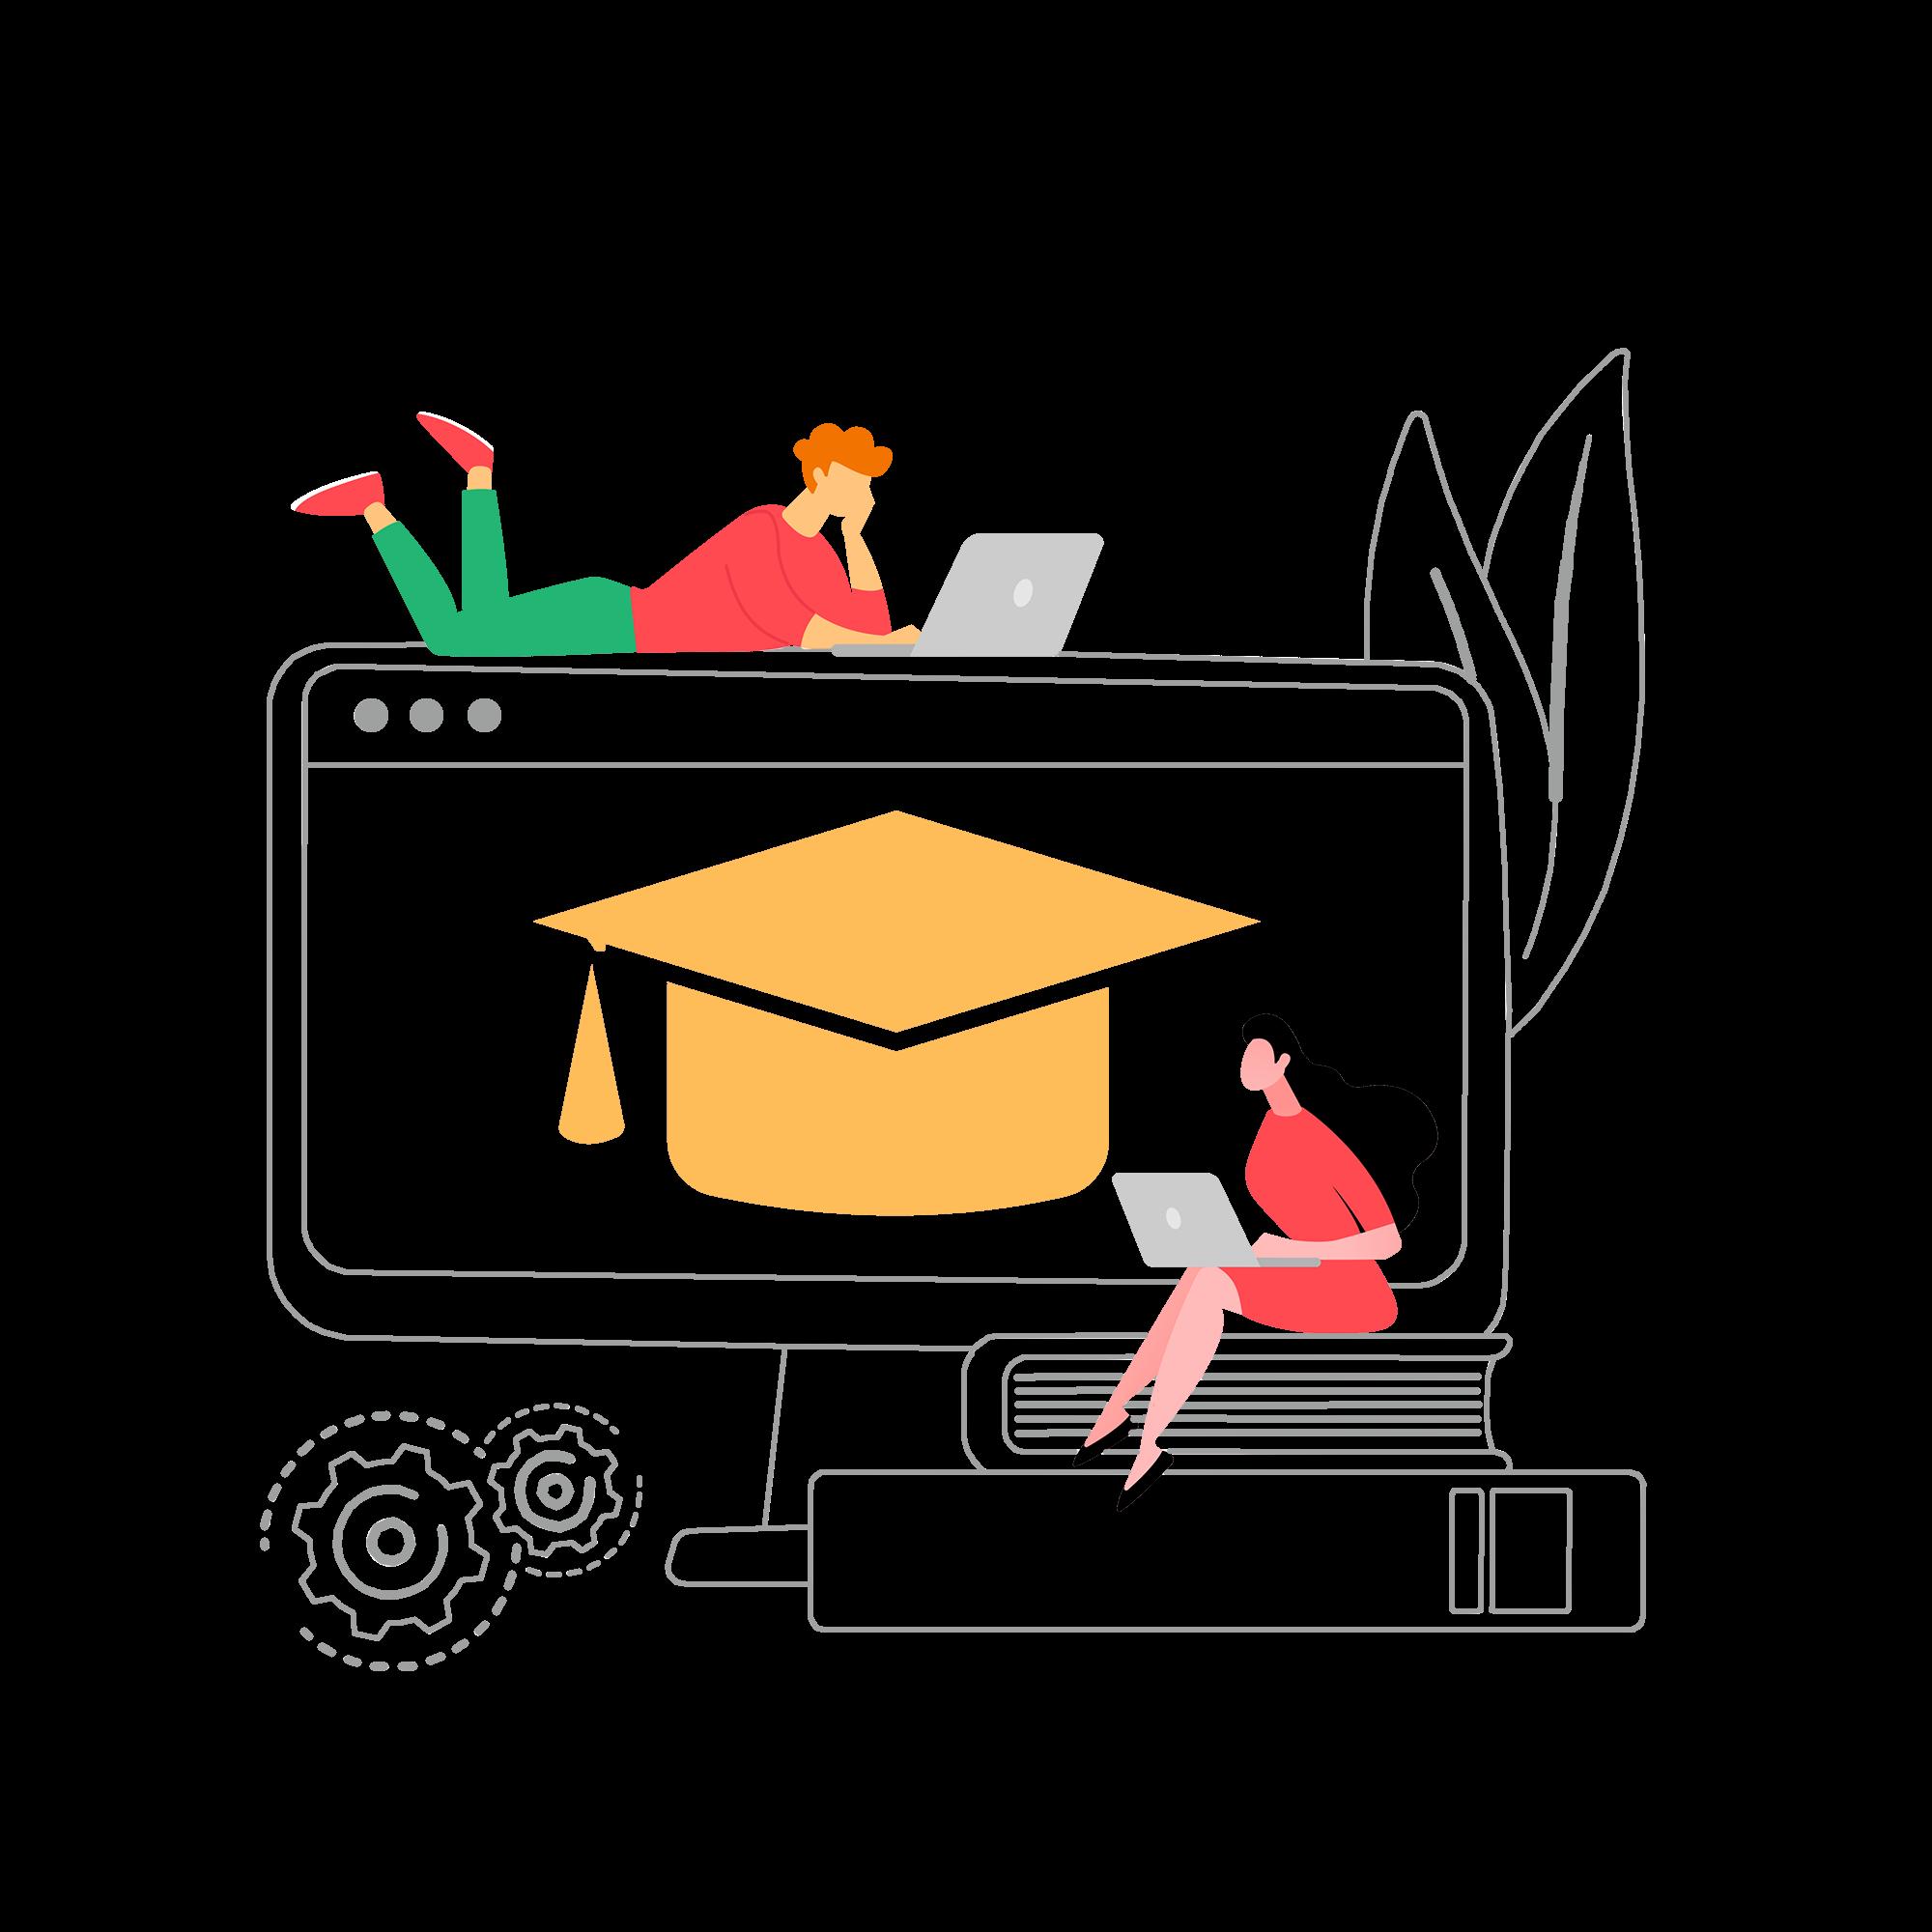 Illustration de la section e-learning - 2 personnes qui apprennent sur leur ordinateur